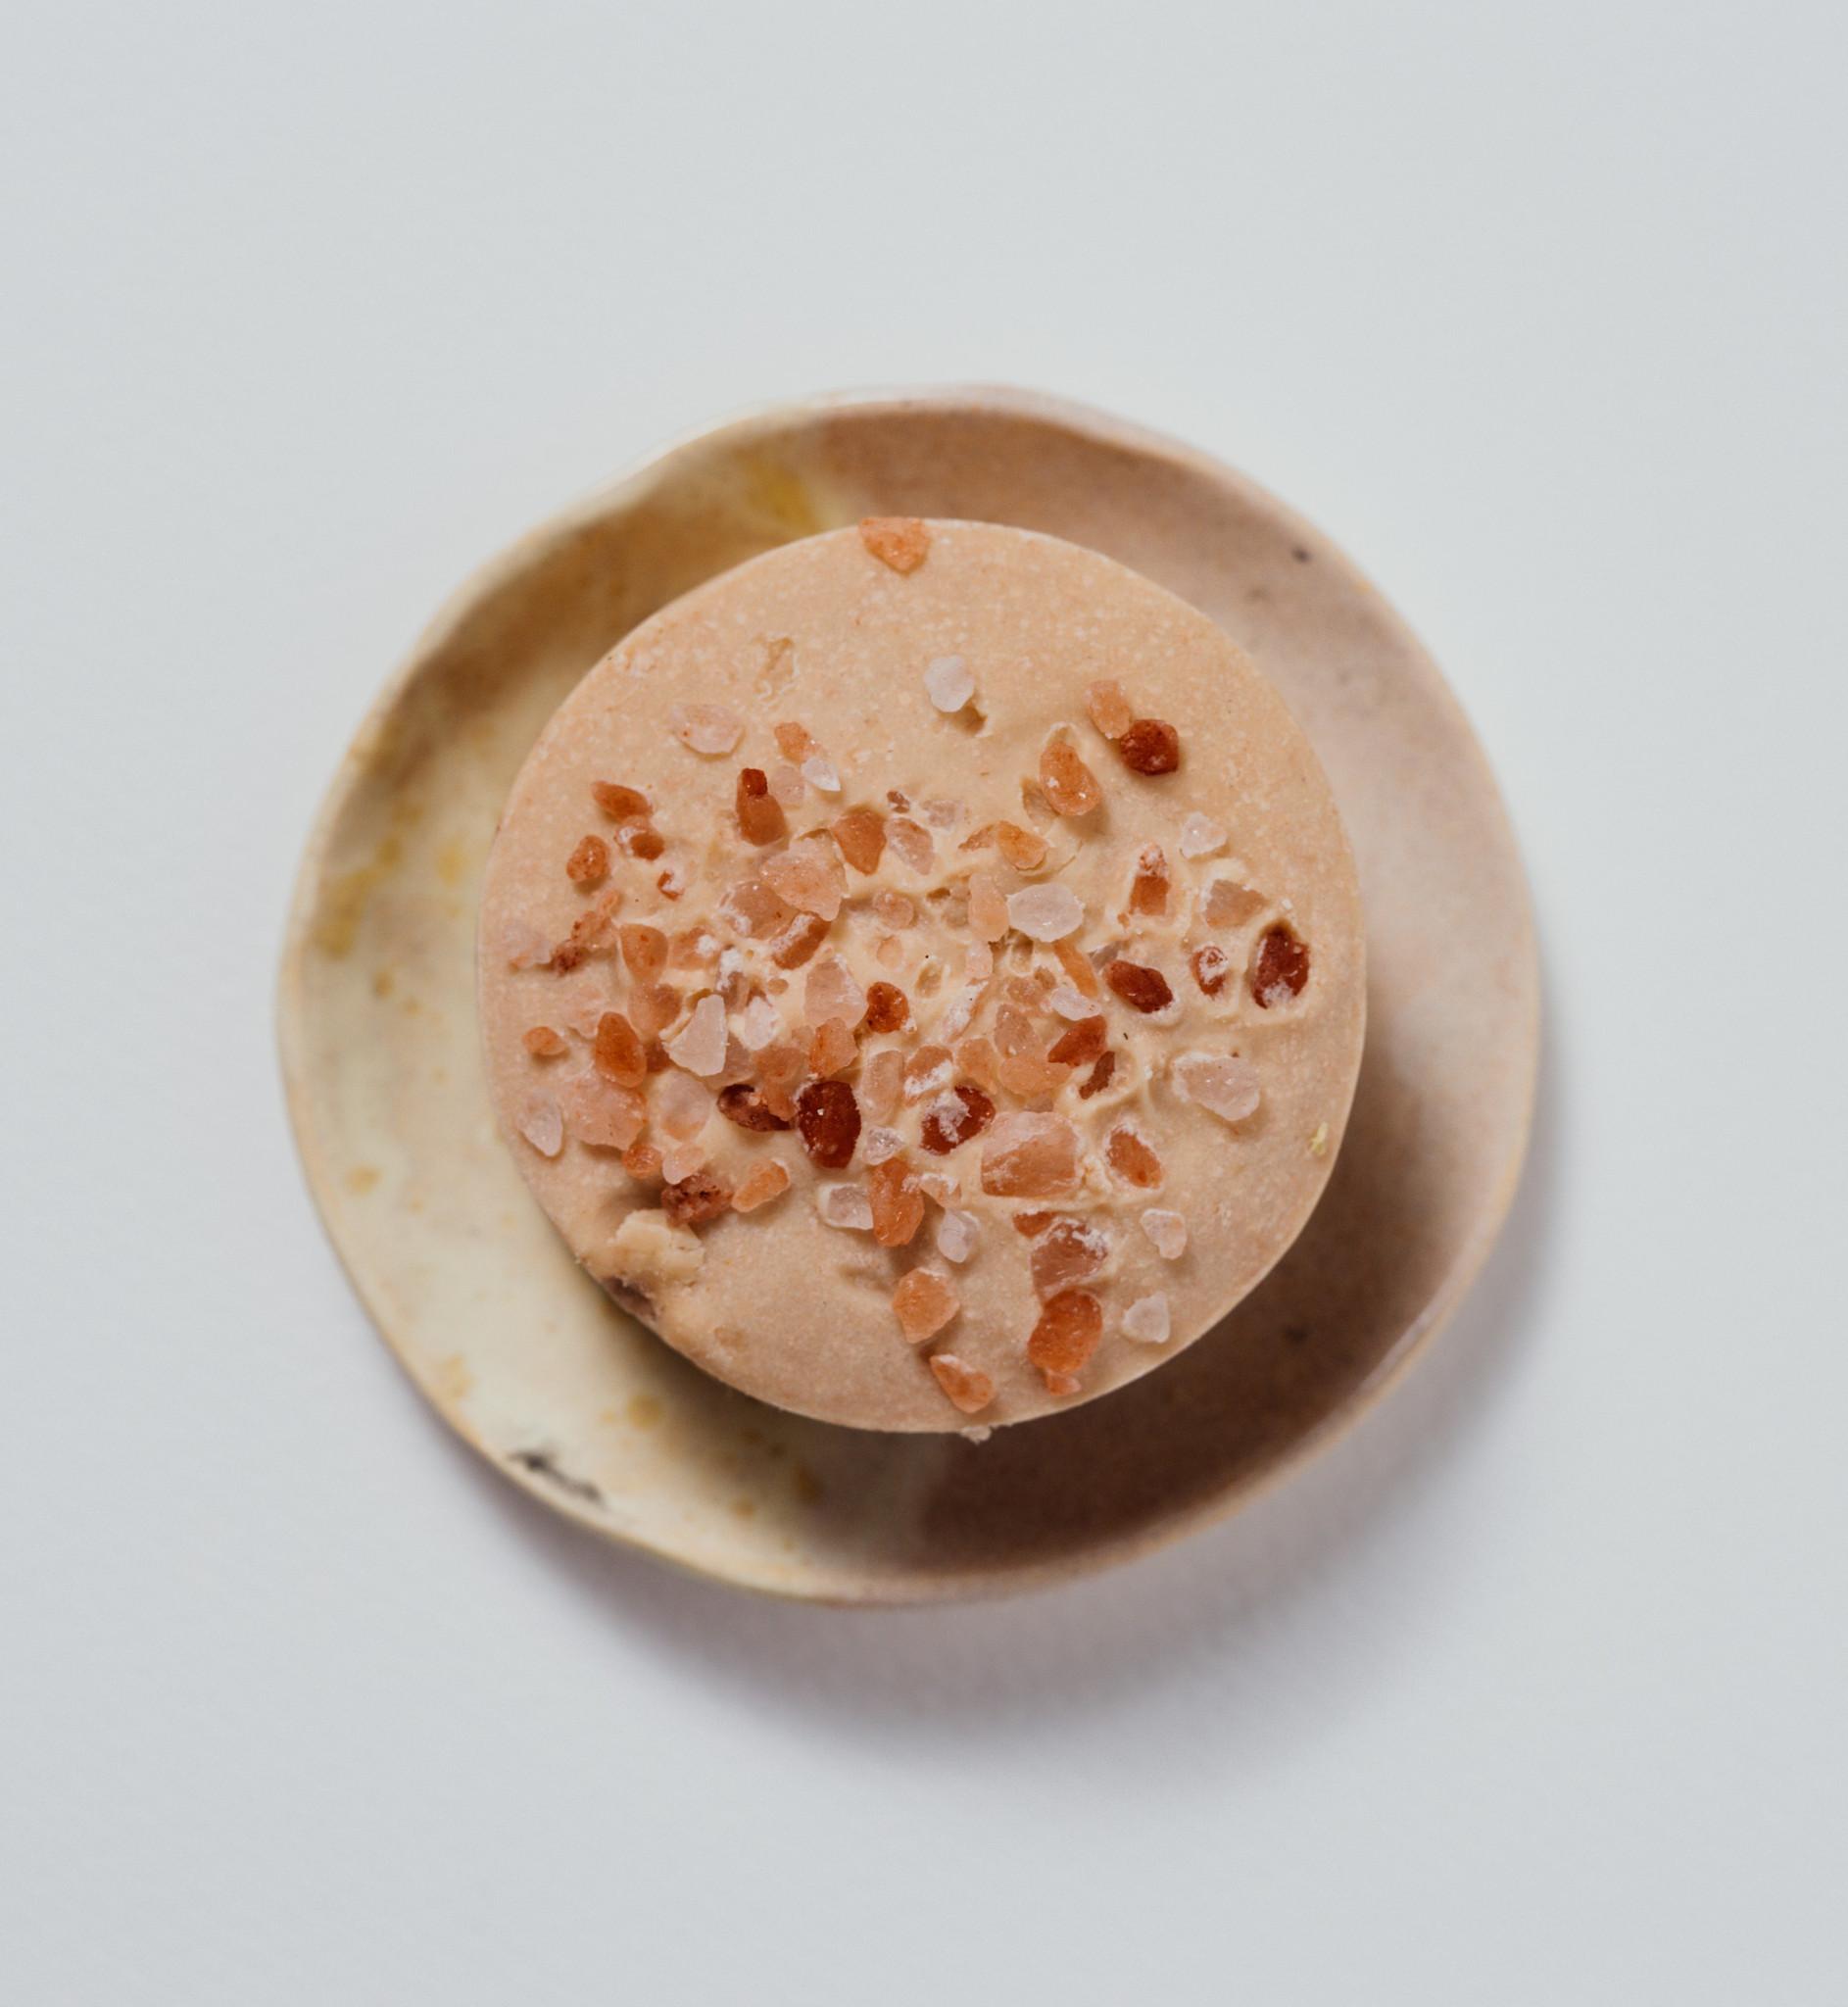 Hibiskus z solą himalajską | mydło w kostce - Bracia Mydlarze | JestemSlow.pl